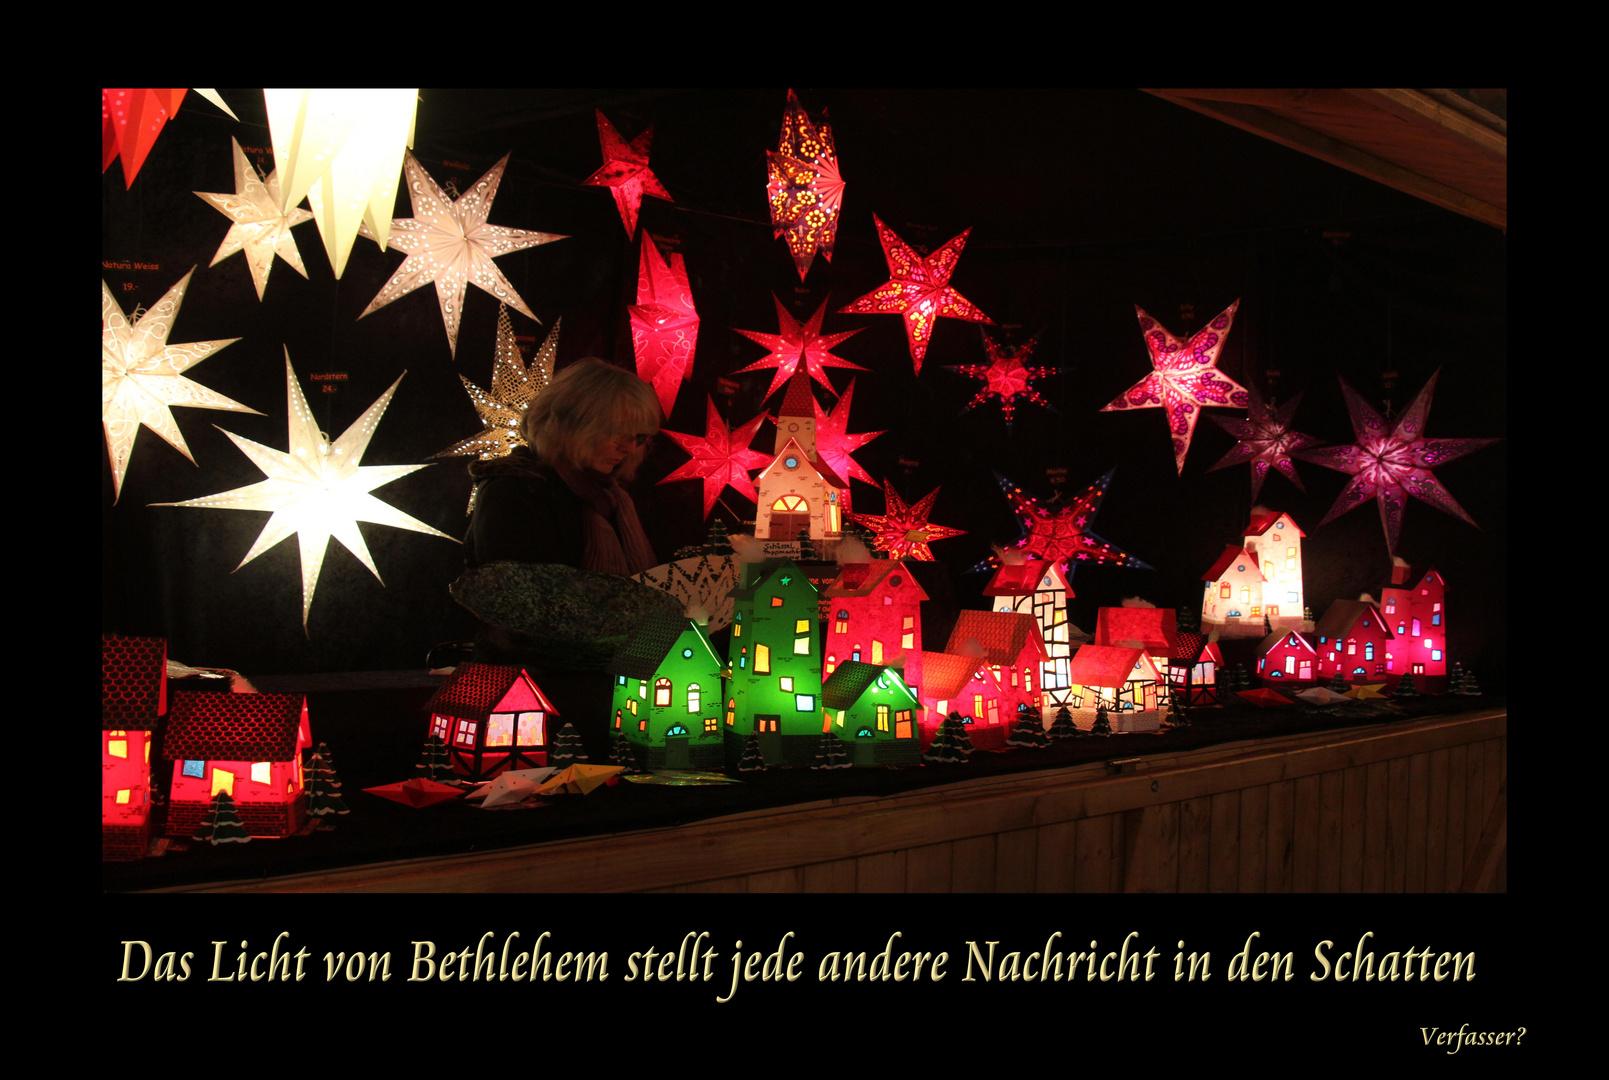 Schöne Weihnachten Bilder.Schone Weihnachten Foto Bild Karten Und Kalender